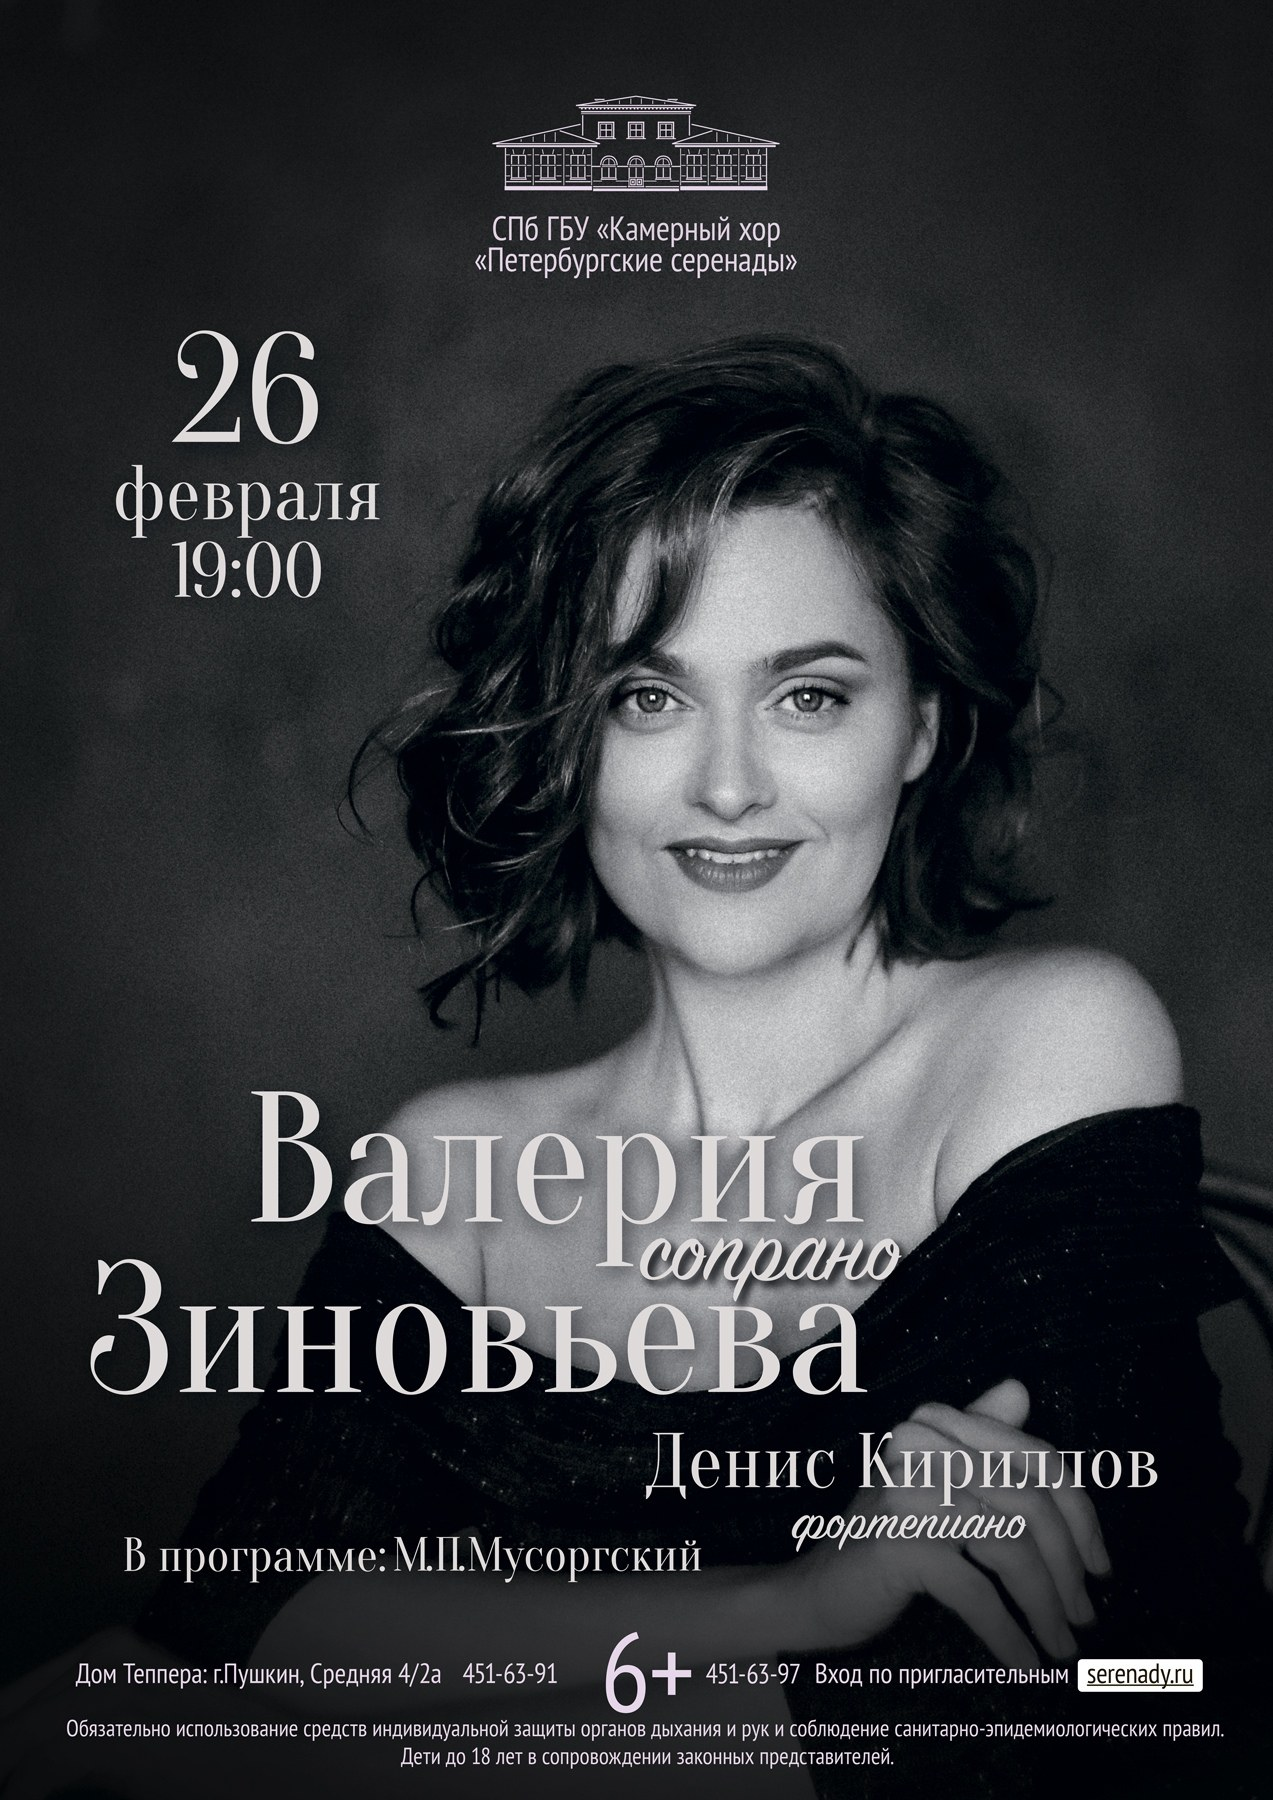 Концерт попроизведениям М. П. Мусоргского